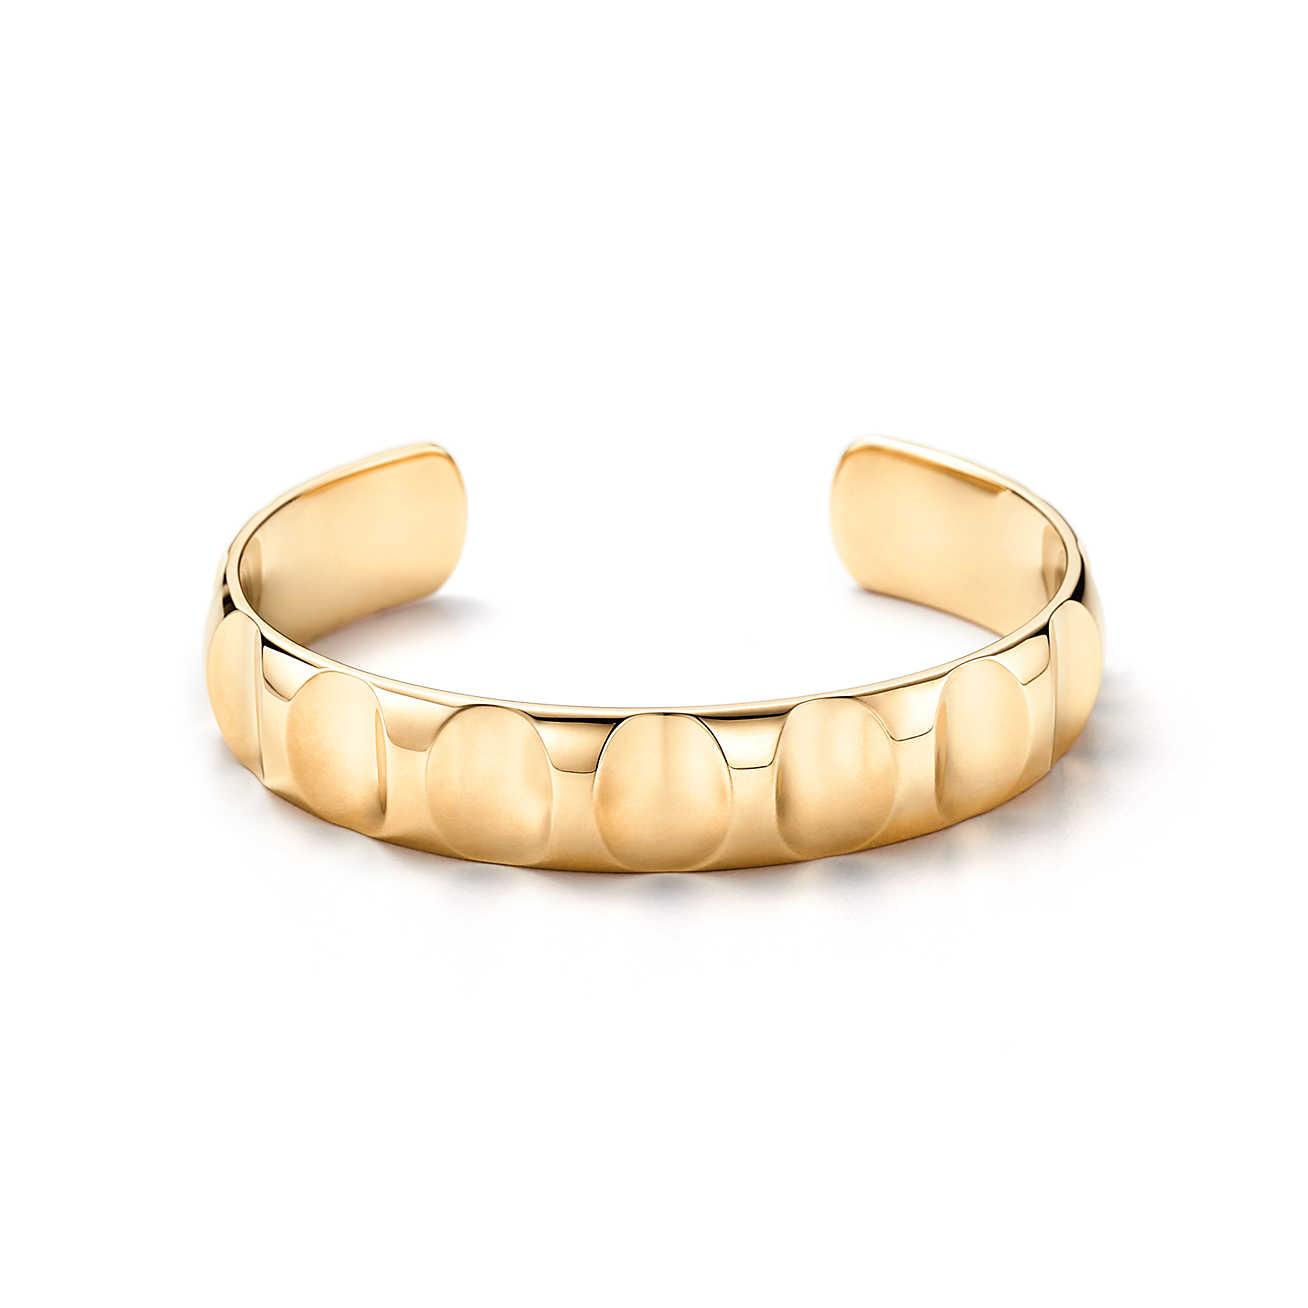 Brillant Juwelier - Goldschmiede - Goldankauf in Opladen / Leverkusen